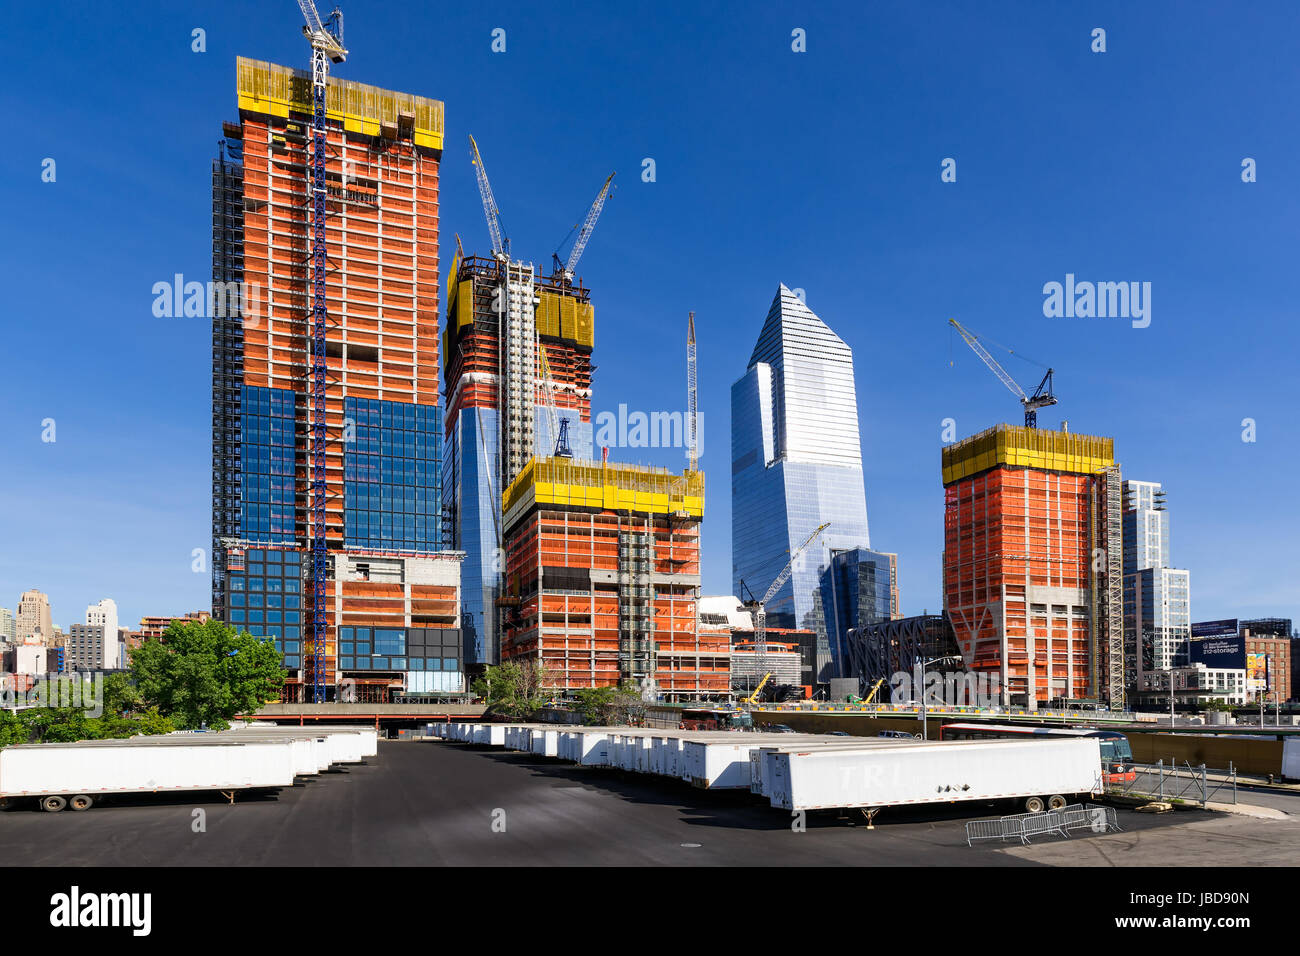 L'Hudson Yards sito in costruzione (2017). Midtown Manhattan, New York City Immagini Stock